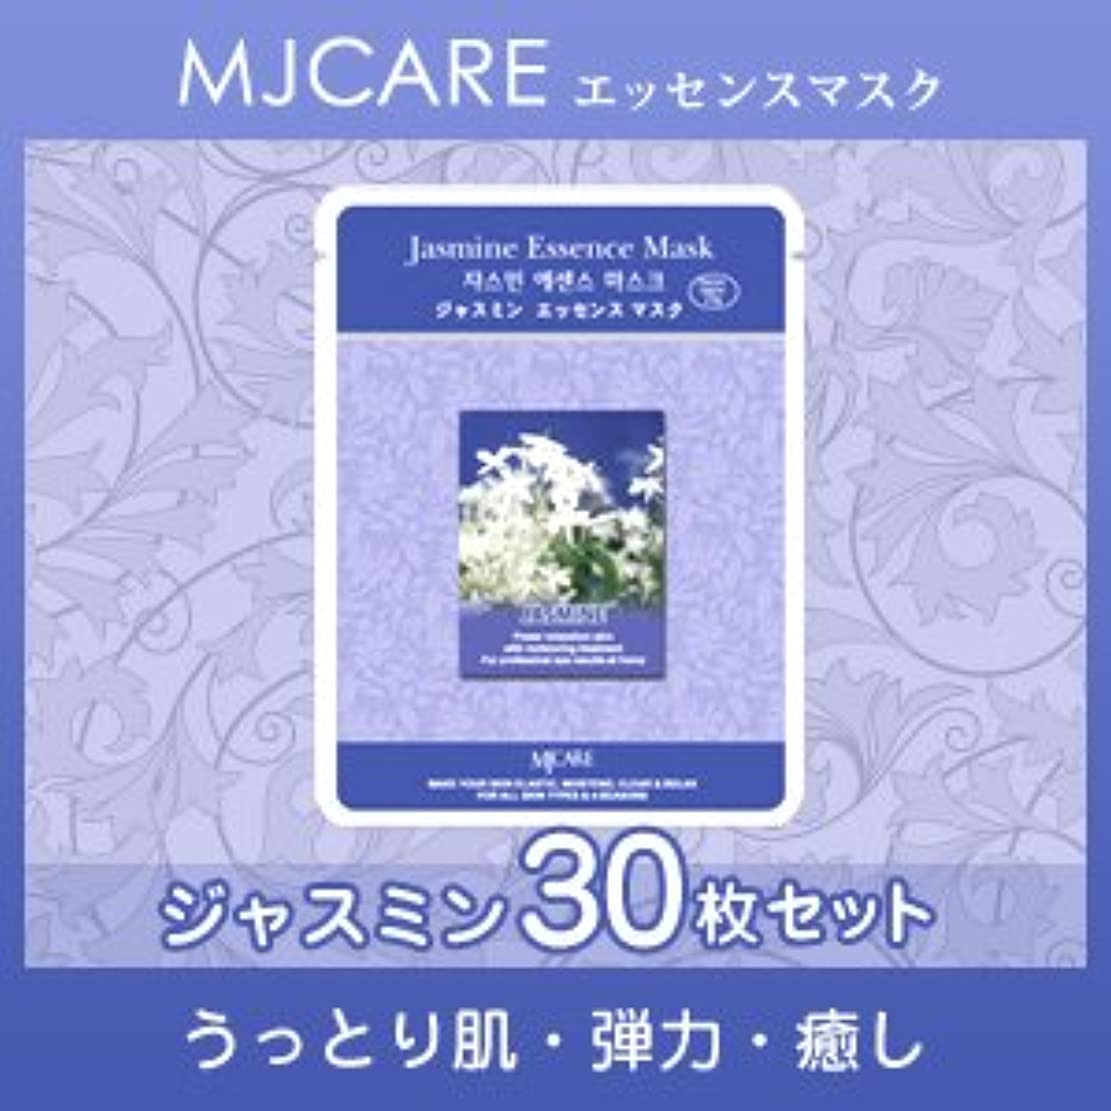 ドループ殺人者唇MJCARE (エムジェイケア) ジャスミン エッセンスマスク 30セット